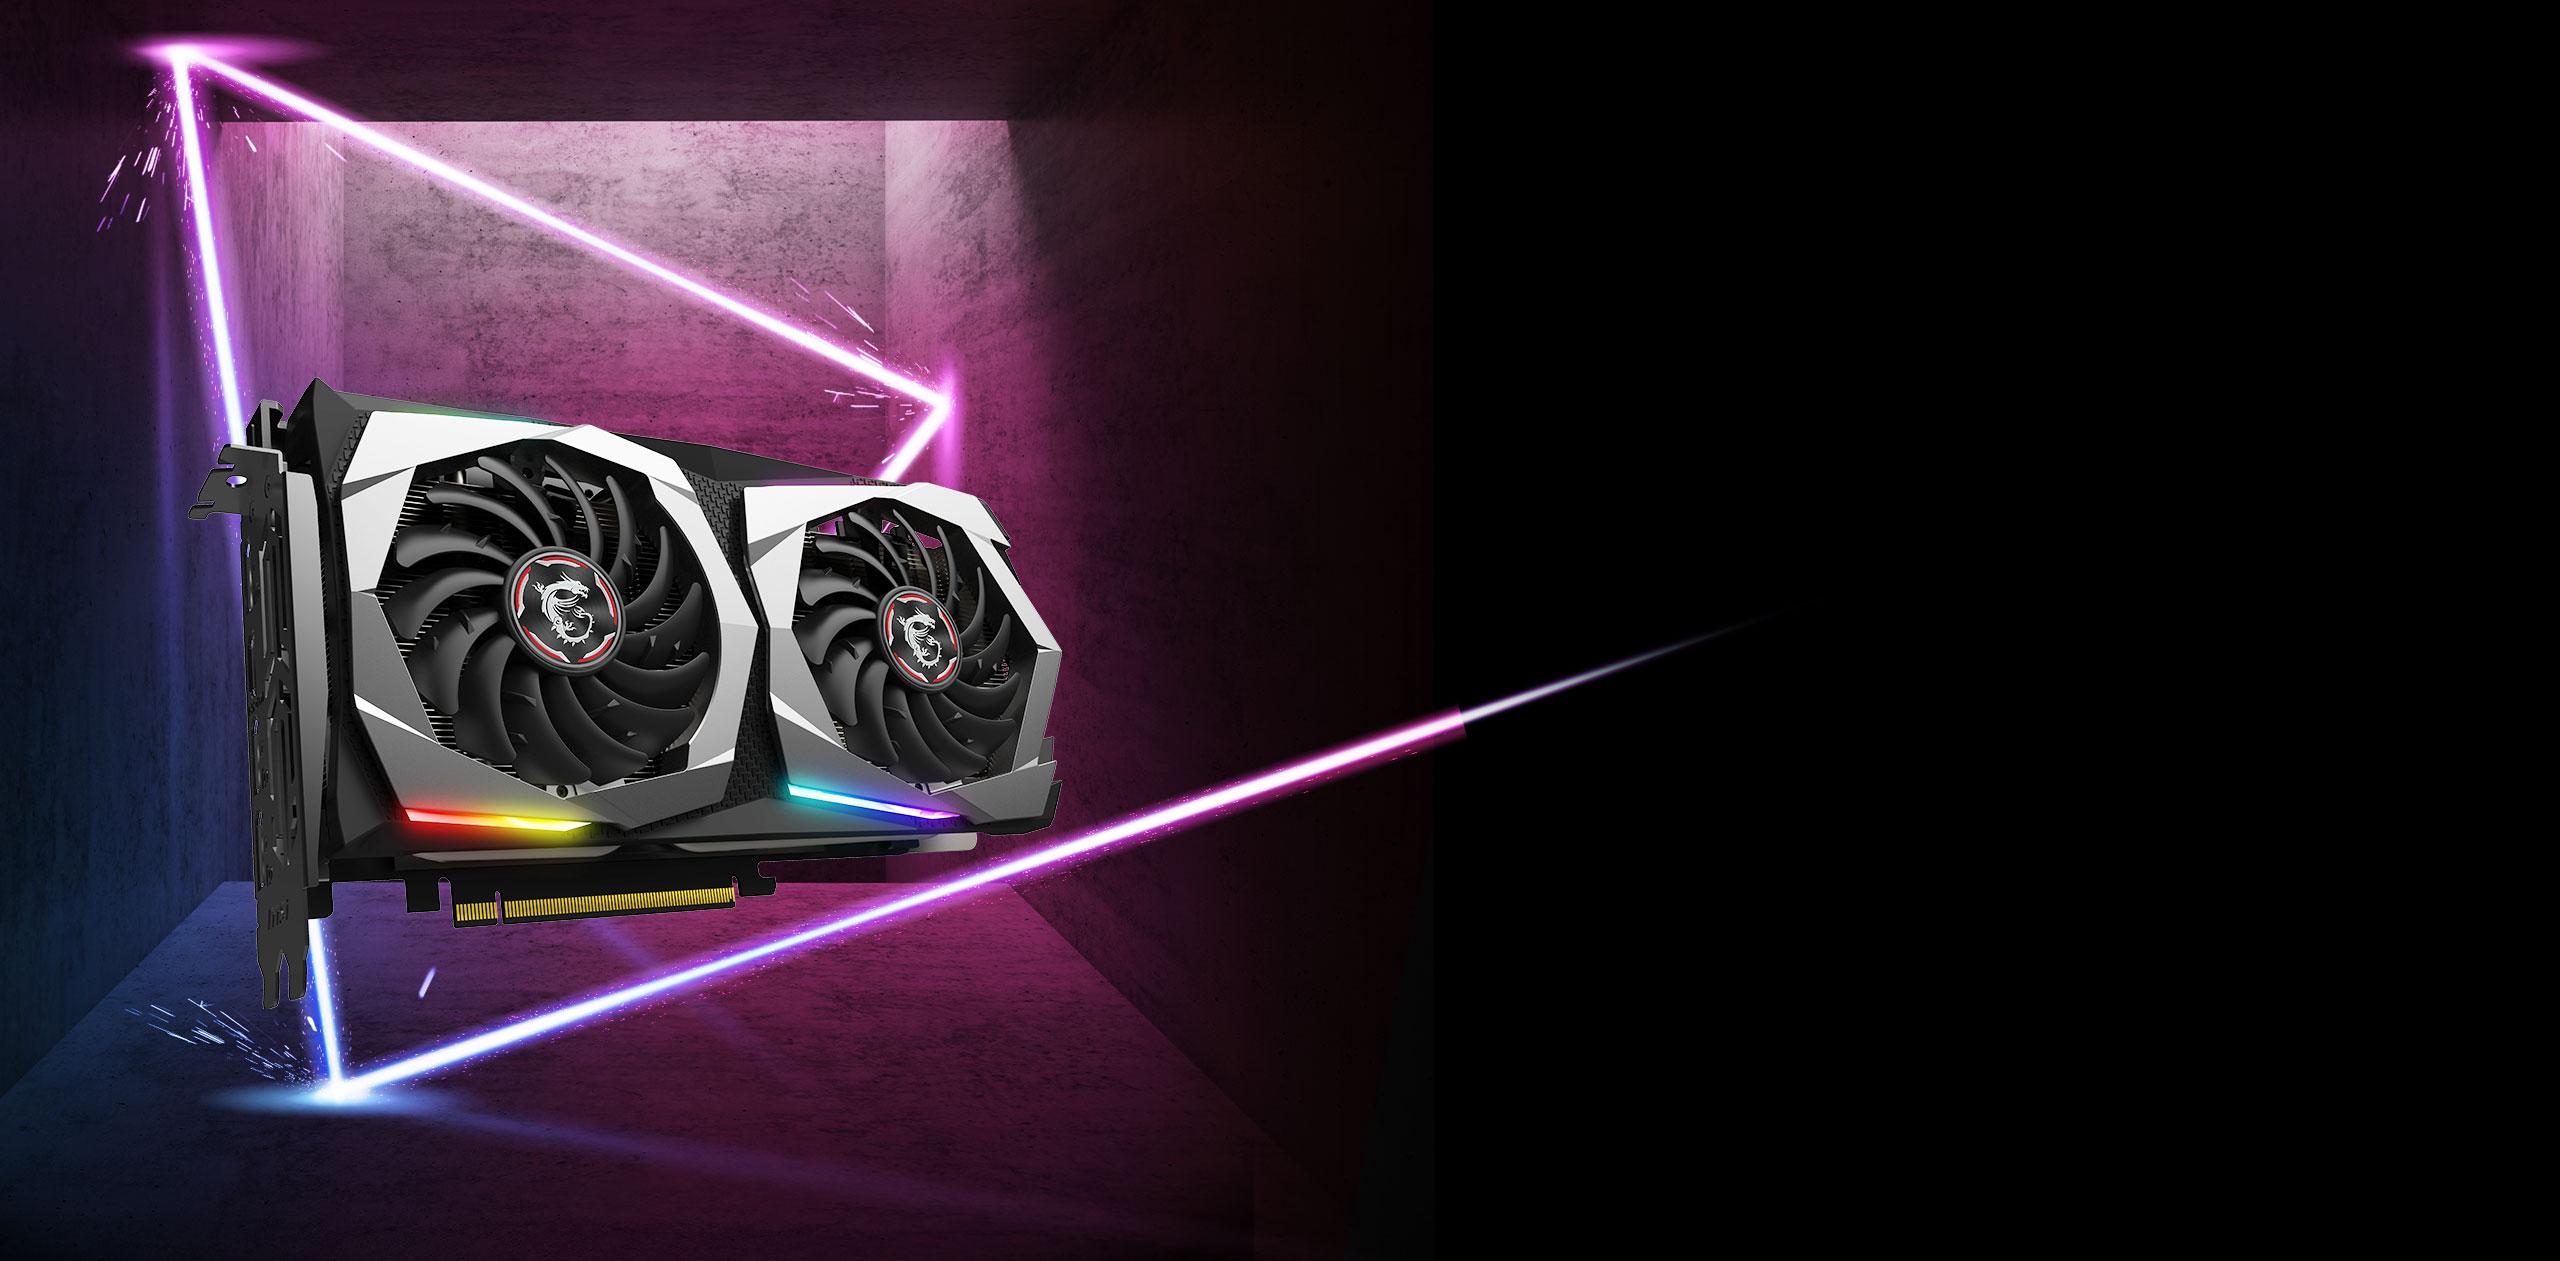 No SLI MSI GeForce GTX 1660 GAMING X 6G Graphics Card VR Ready PCI-E x16